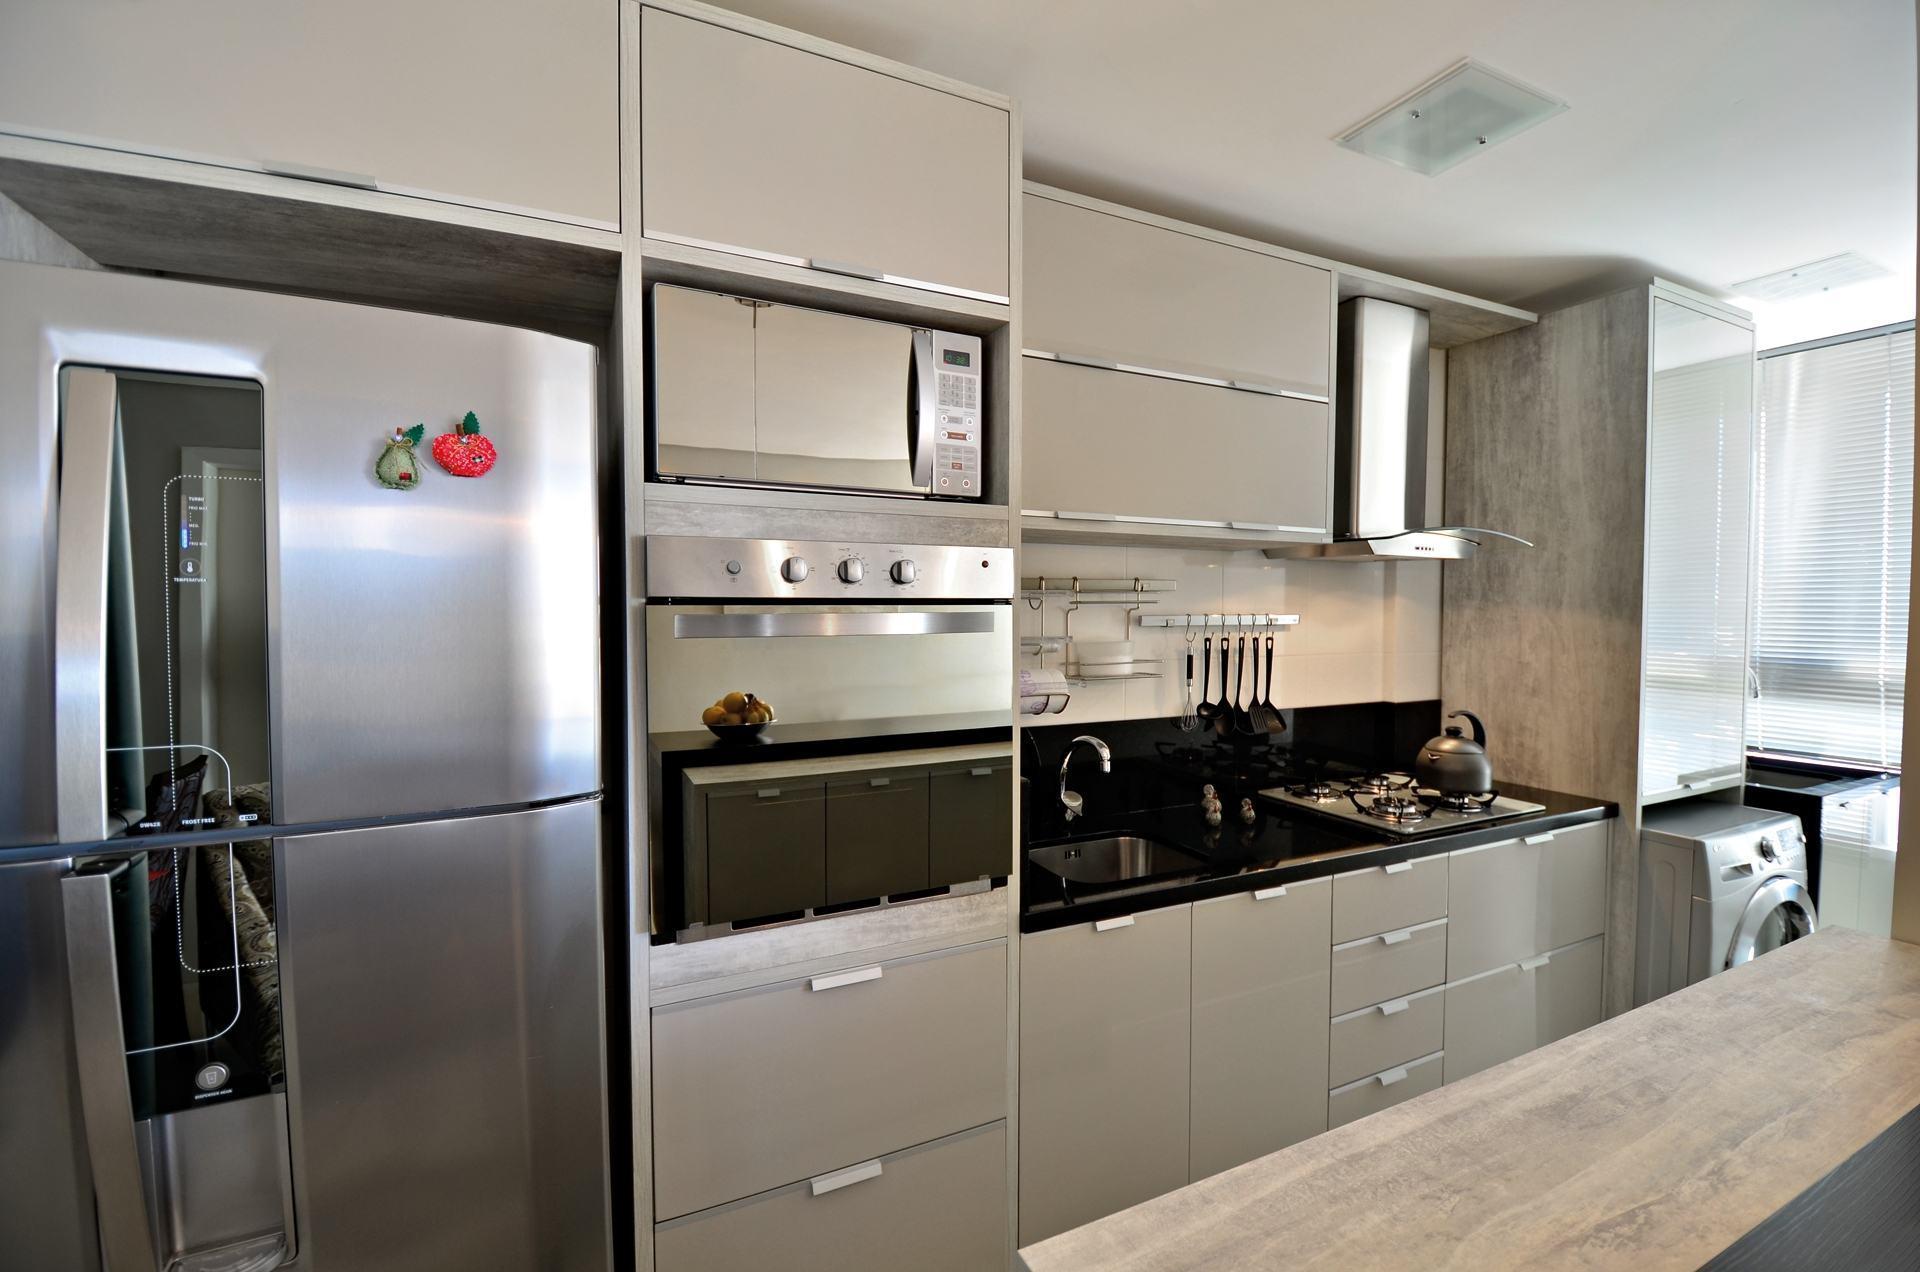 Criare cozinhas planejadas confira modelos modernos s for Modelos de zapateros modernos